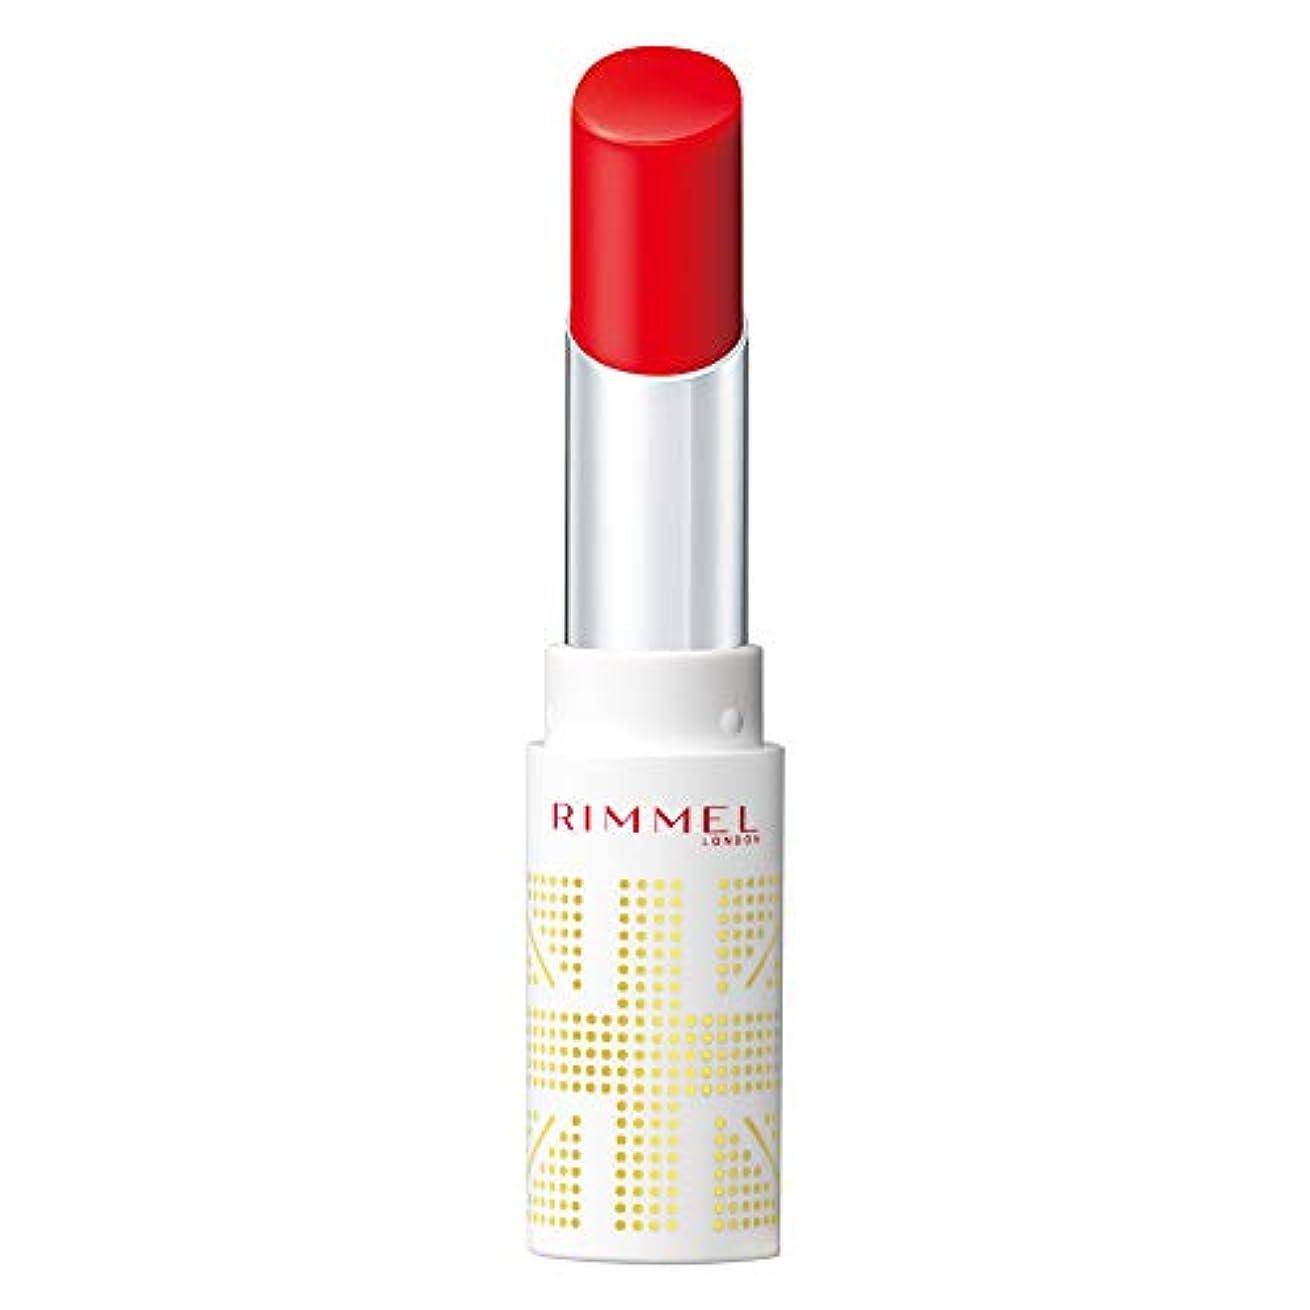 類推加速度削減Rimmel (リンメル) リンメル ラスティングフィニッシュ オイルティントリップ 002 マンダリンレッド 3.8g 口紅